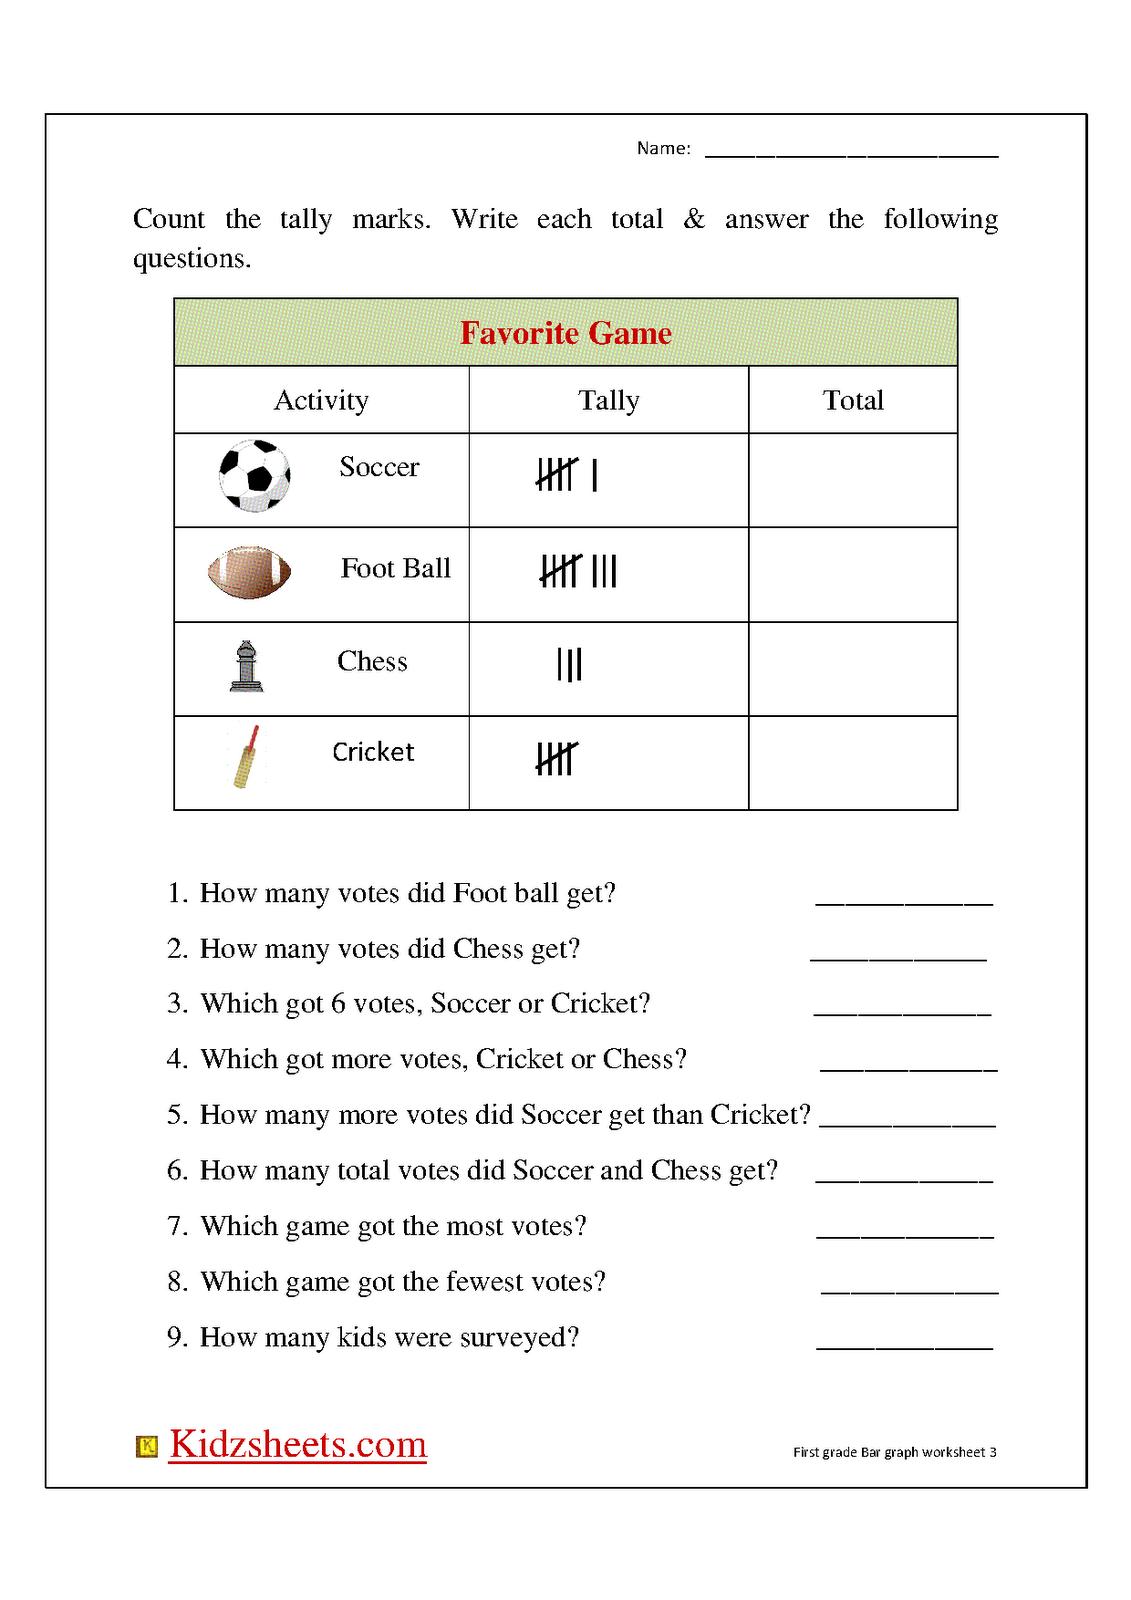 hight resolution of Kidz Worksheets: First Grade Bar Graph3